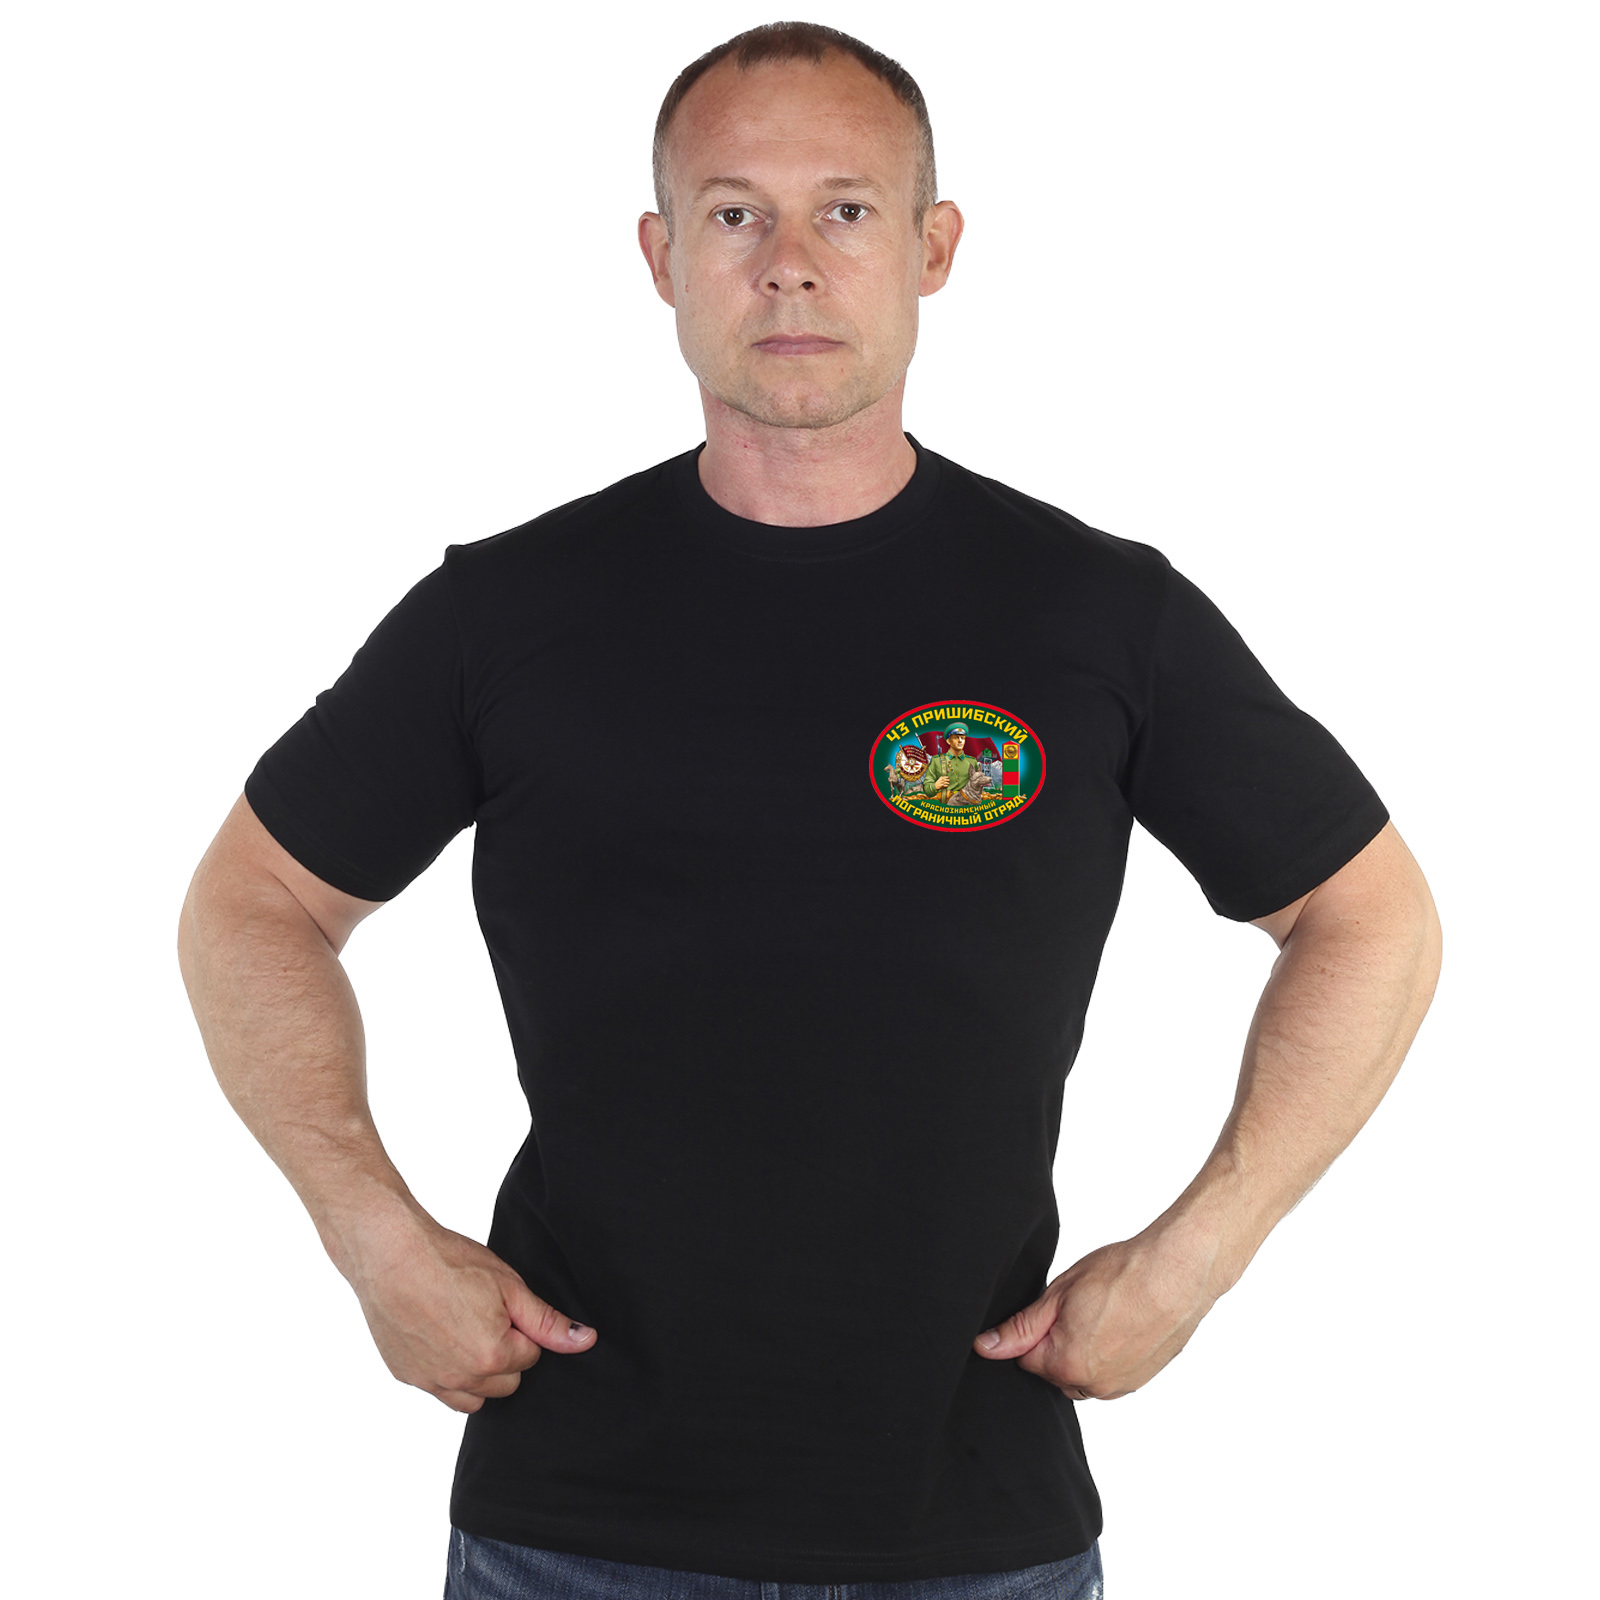 Купить мужскую футболку с принтом 43 Пришибский погранотряд